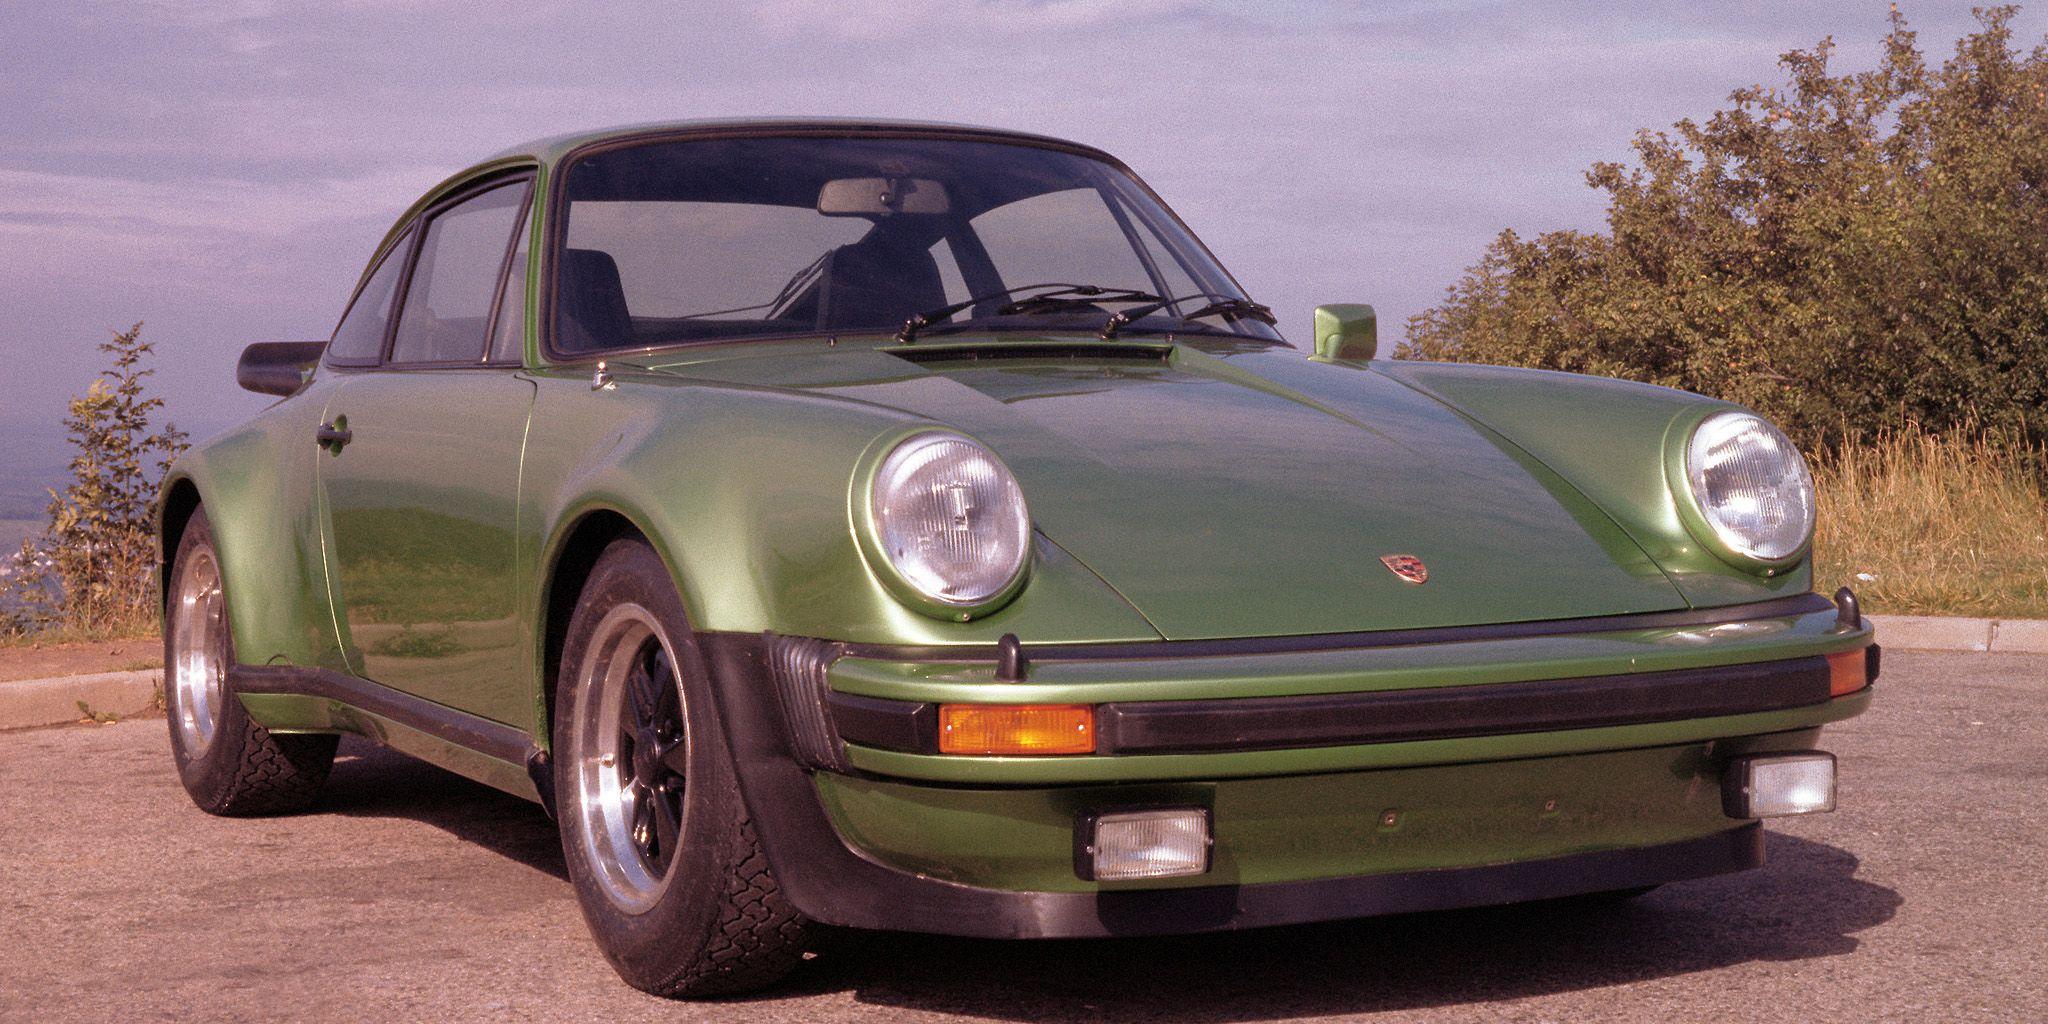 Porsche 911 History - 40+ Facts About the Legendary Porsche 911 on 2000 porsche 911 carrera s, 2000 porsche 911 convertible, 2000 porsche 911 carrera 4, 2000 porsche cayenne, 2000 porsche 911 hardtop, 2000 porsche boxster, 2000 porsche 911 carrera coupe, used 911 targa, 2000 porsche 911 turbo, 2000 porsche cayman,